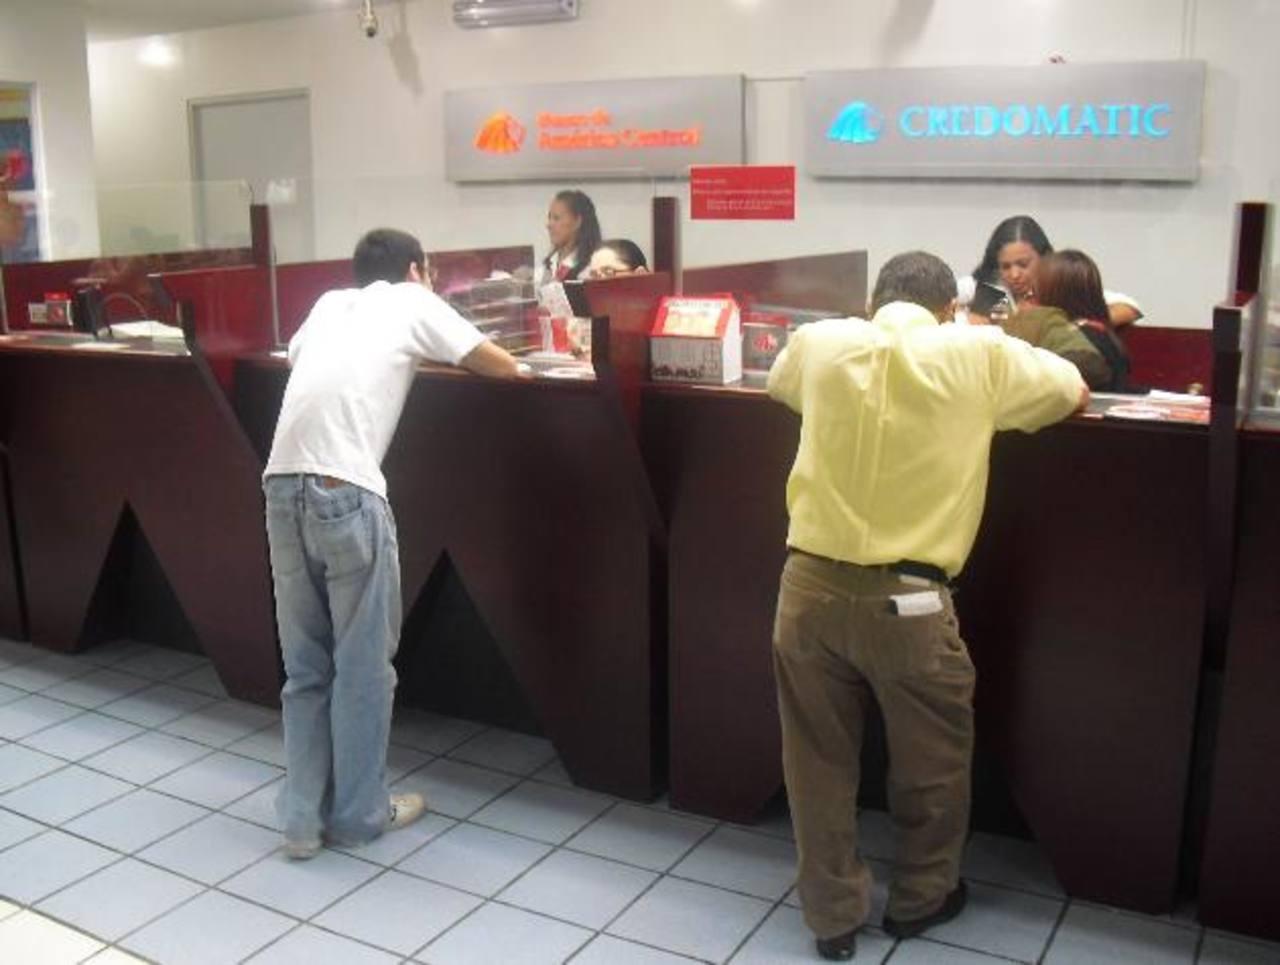 El BAC Credomatic está presente en Centroamérica y México. Foto EDH /archivo